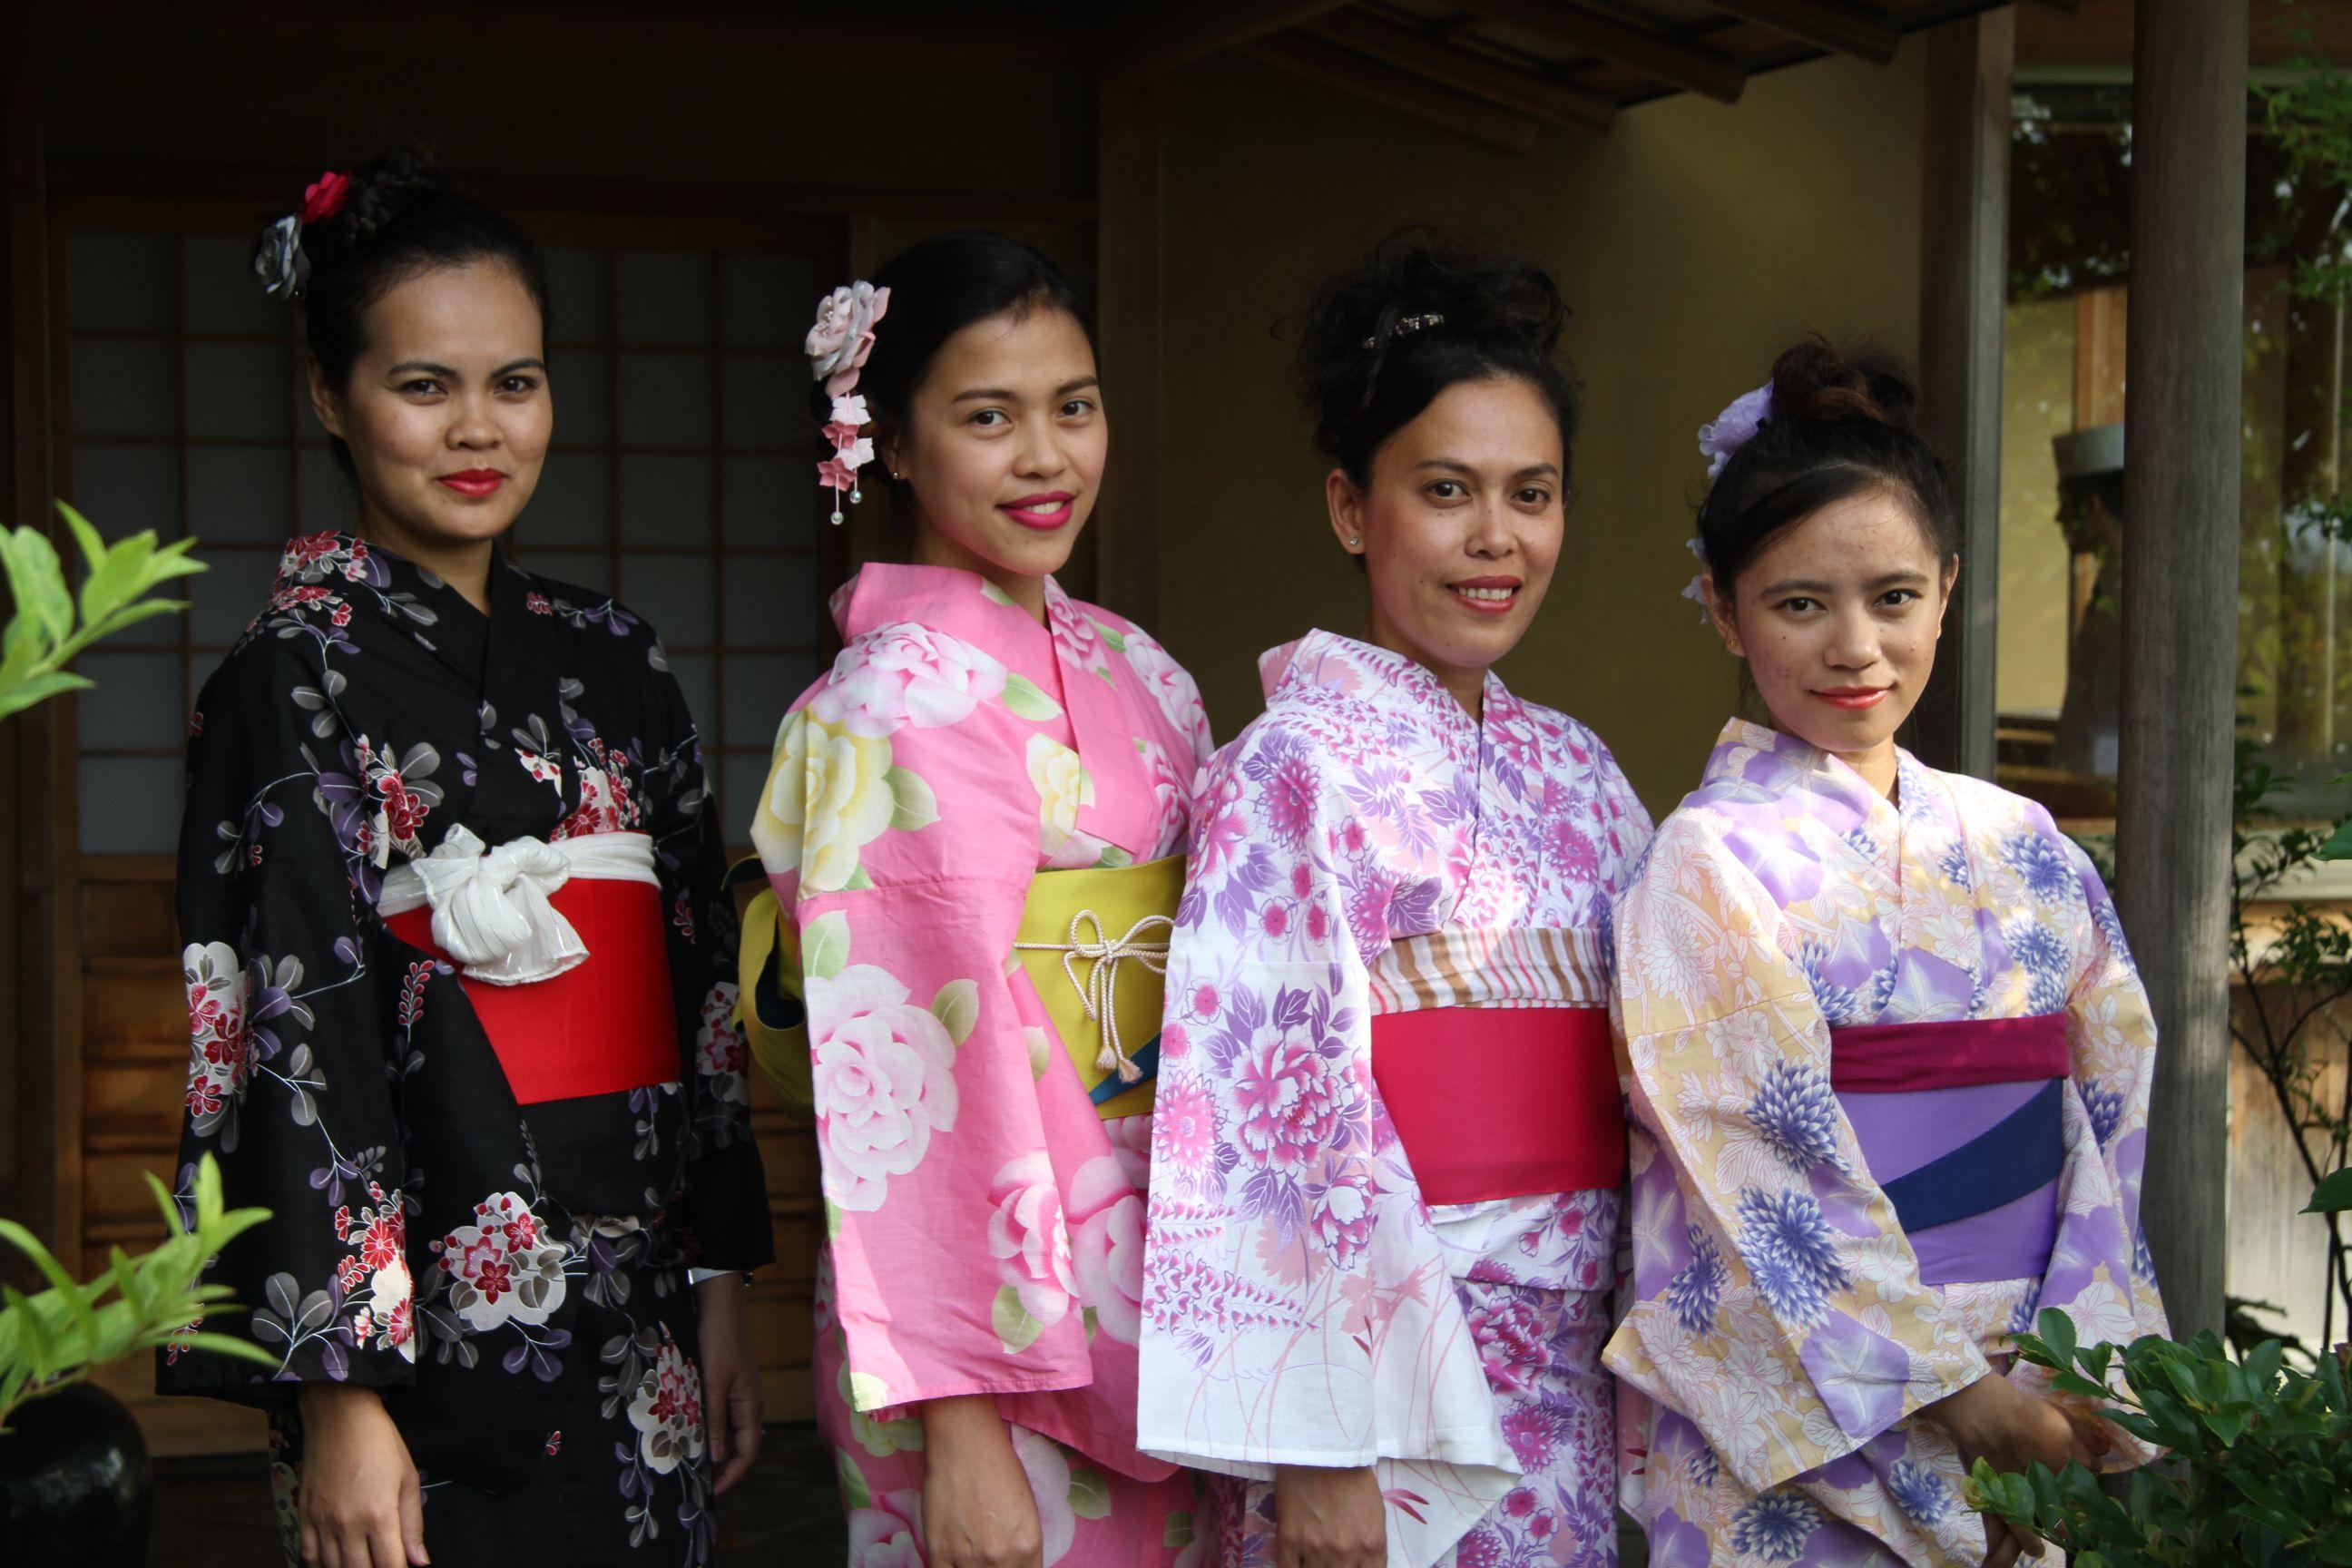 研修生体验日本文化